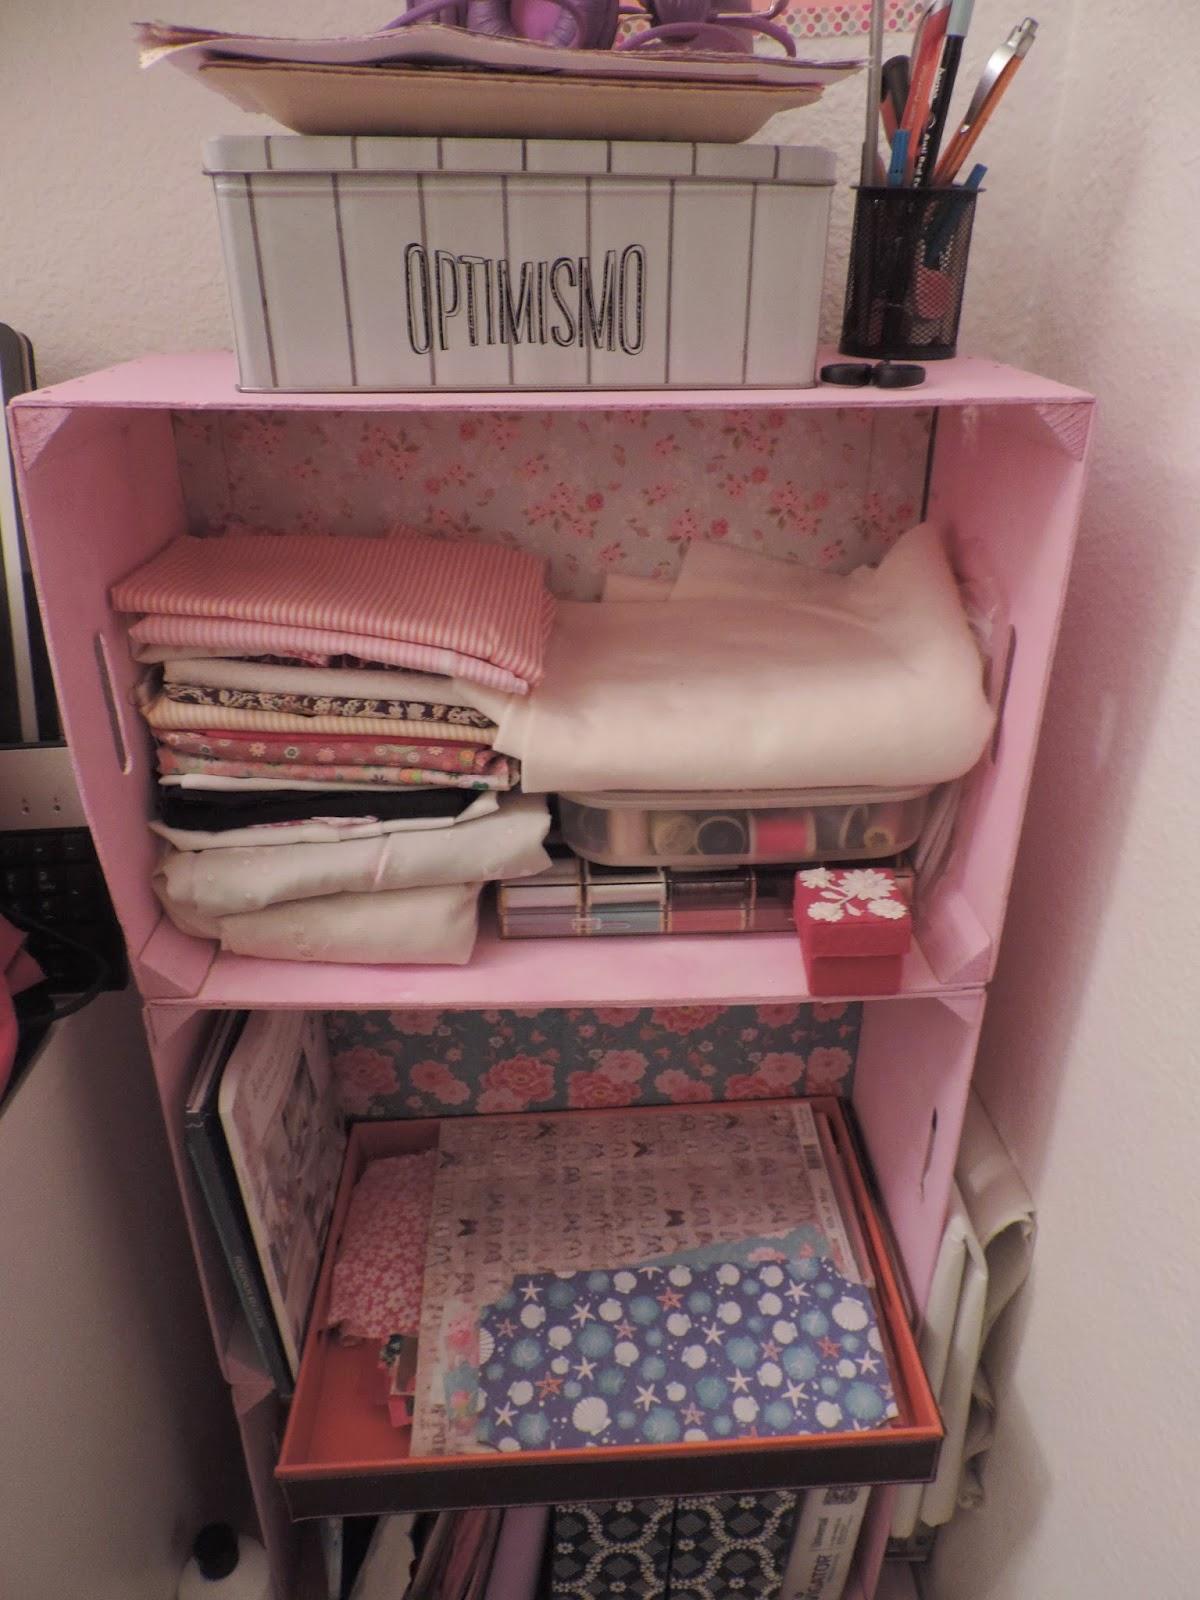 El taller de party handmade estanteria con cajas de frutas feliz semana - Estanterias con cajas de fruta ...